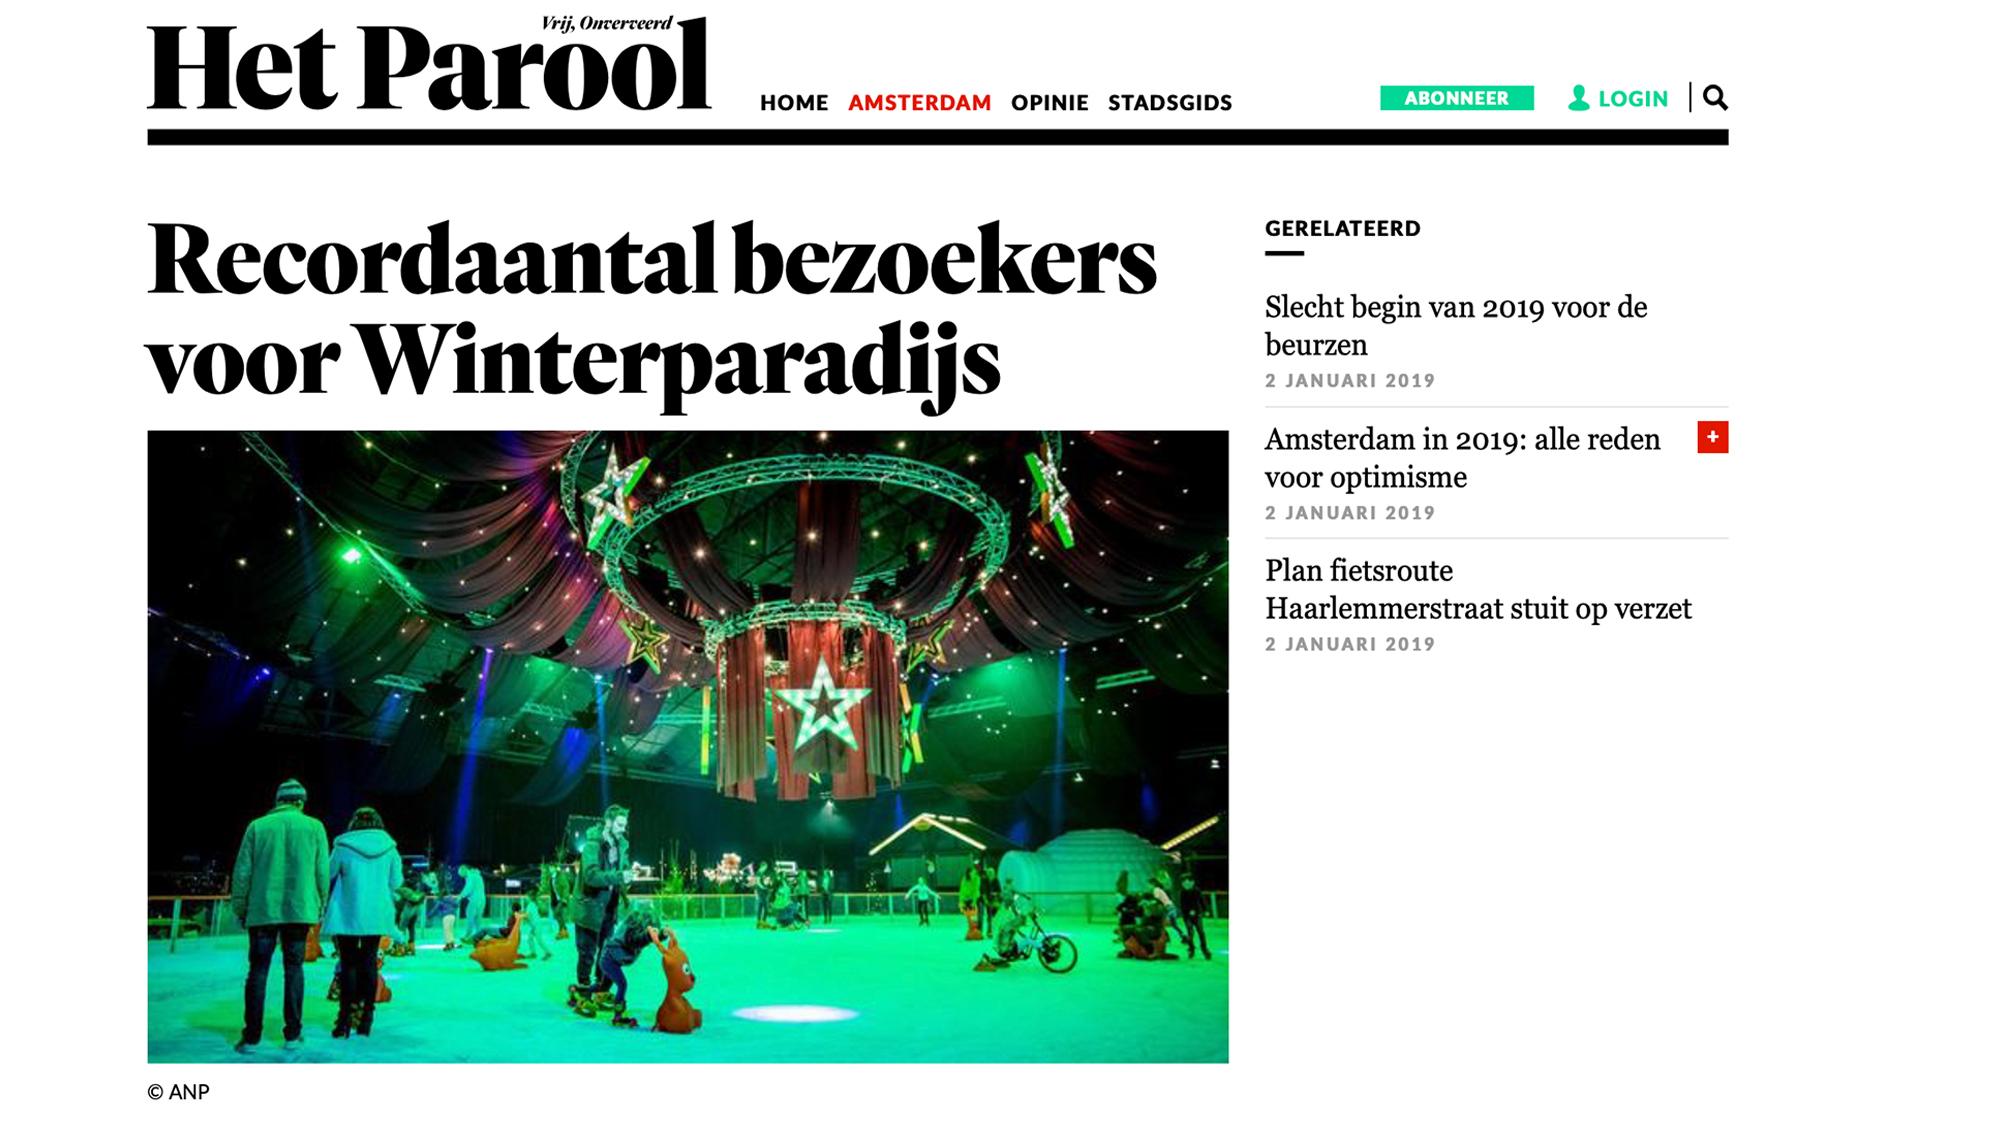 Het Amsterdamse Winterparadijs Parool